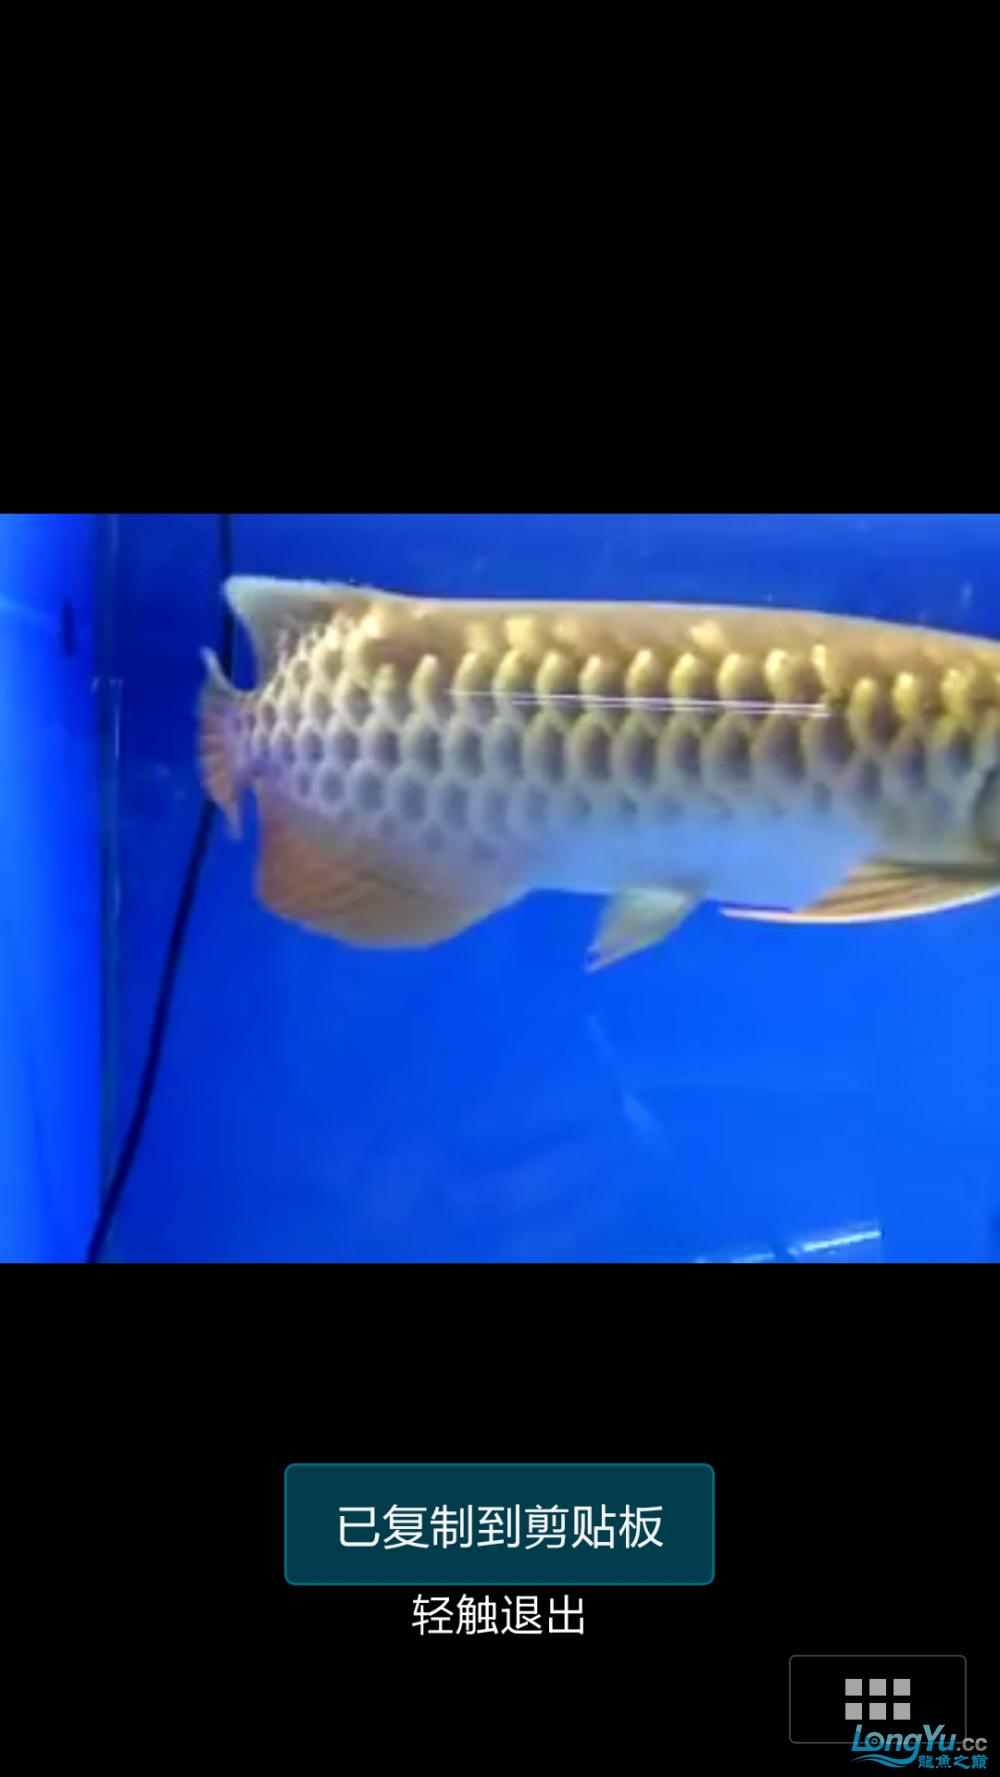 求高手给看看是不是过背! 西安水族批发市场 西安龙鱼第3张